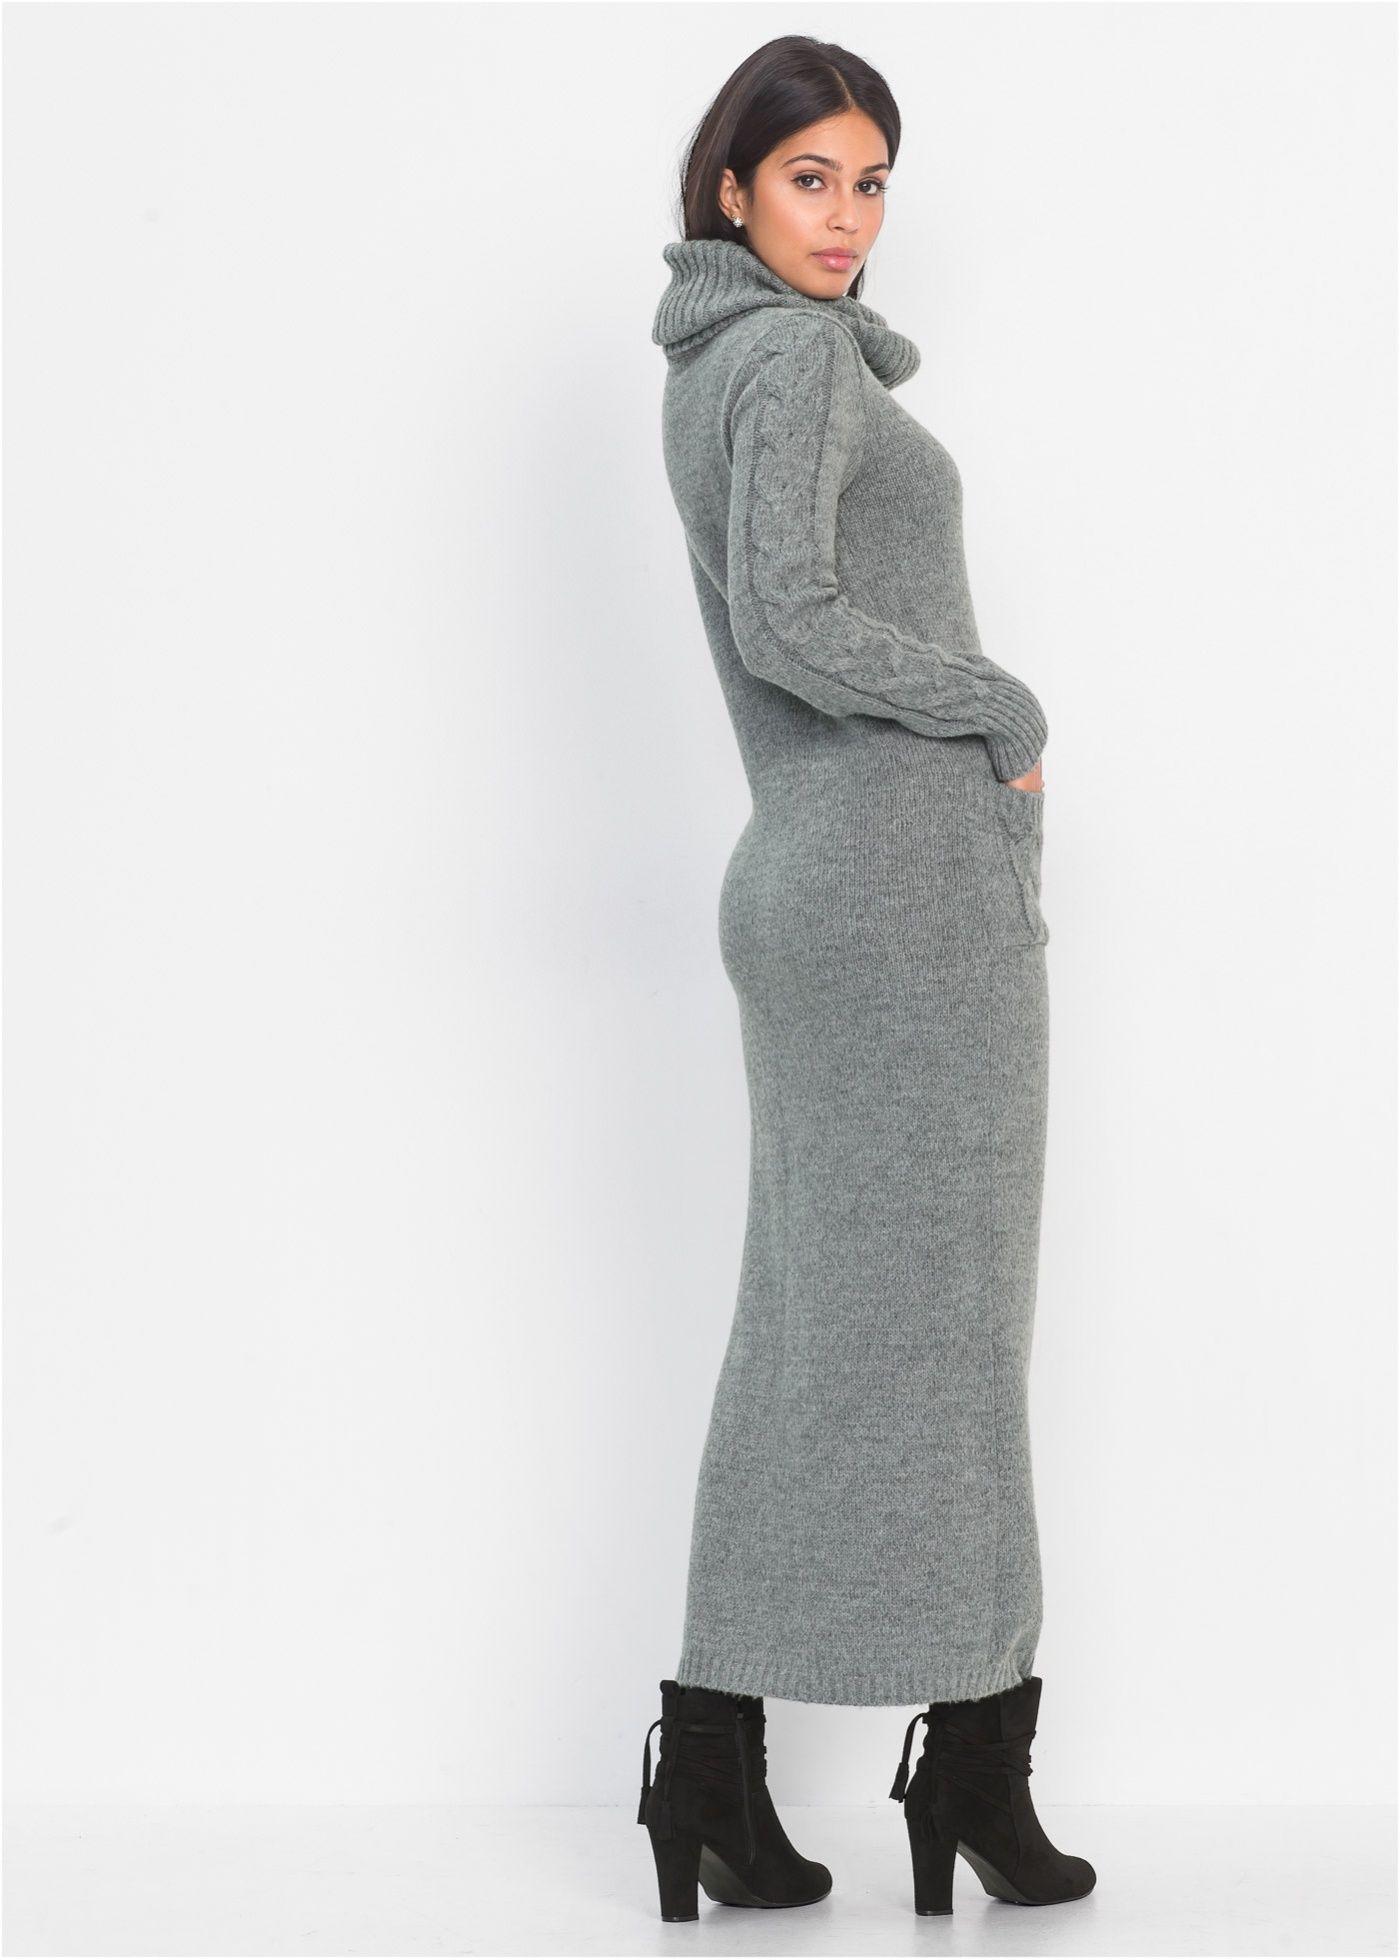 35214d66878994 Gebreide jurk grijs gemêleerd nu in de onlineshop van bonprix.nl vanaf   39.99  bestellen. Een klassieker voor koude dagen! Gebreide jurk in …